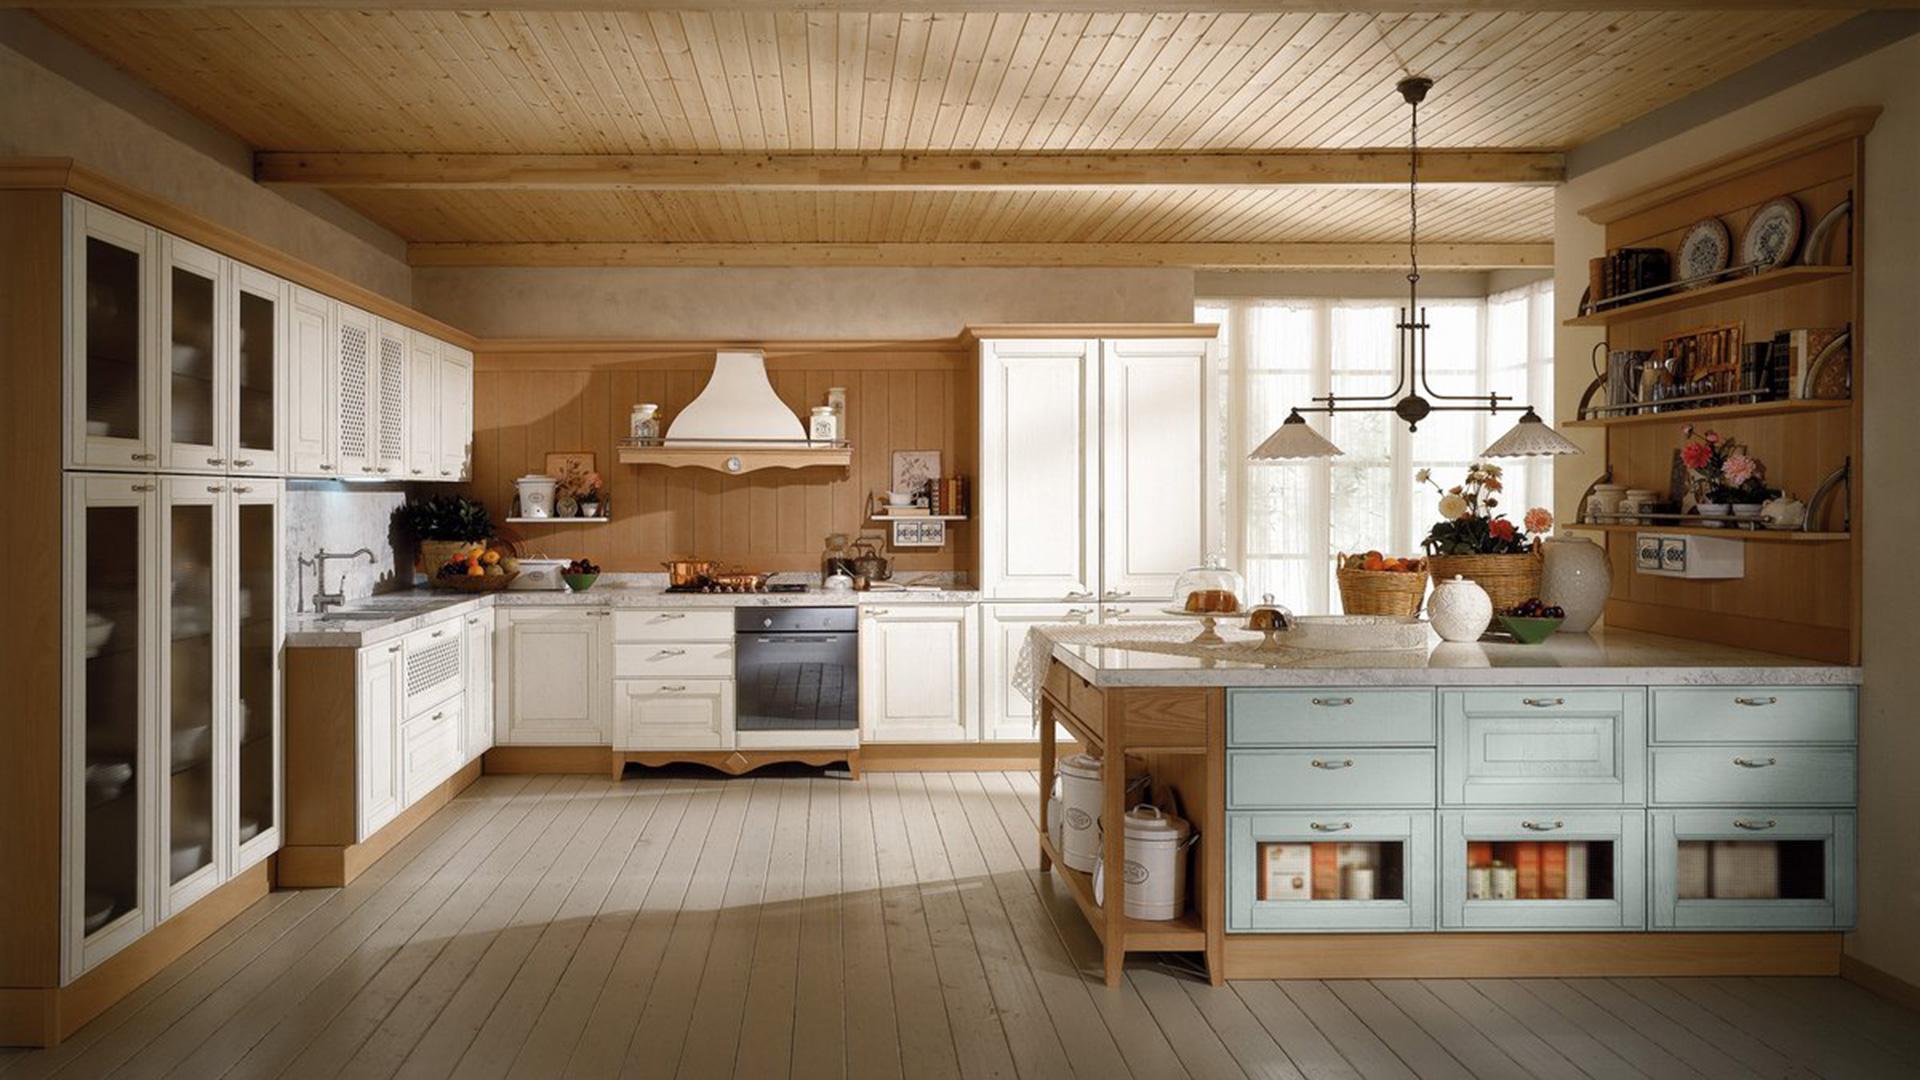 Arredamenti e idee per la casa arredamenti e forniture for Immagini per cucina